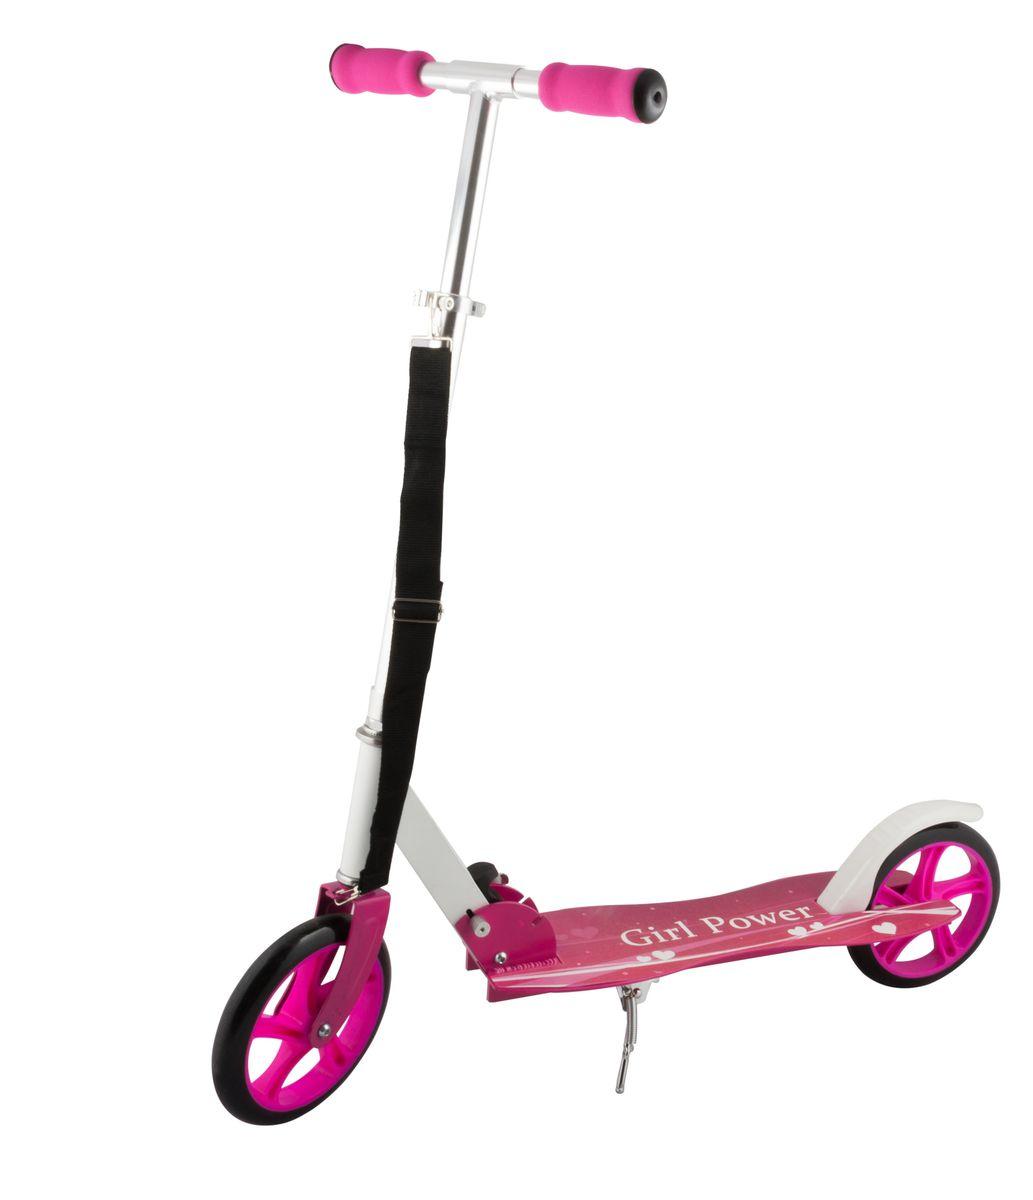 Самокат 2-колесный SC-04 (200 мм), цвет: розовыйУТ-00008338Самокат 2-х колесный SC-04 (200 мм) - это модель имеет индивидуальный дизайн, что отличает ее от остальных. Геометрия деки с никого не оставит равнодушным. Удобная лямка для переноски самоката. Двухколесная модель с 200-мм колесами для взрослых и детей. Эргономичные резиновые грипсы. Телескопический руль. Удобная система складывания. Алюминиевая дека. Металлический тормоз. Полиуретановые 200-мм колеса. Подножка для устойчивости самоката. Подшипники ABEC 7 для быстрой и плавной езды. Технические характеристики: Дека: алюминий Ручки: формованная пена Руль: алюминий Материал колеса (внутр): полипропилен Материал колеса (внешний): полиуретан Регулировка руля: есть Система складывания: есть Размер колеса, мм: 200 Подшипники: Abec-7 Цвет: розовый Вес, гр: 3600 Производство: КНР